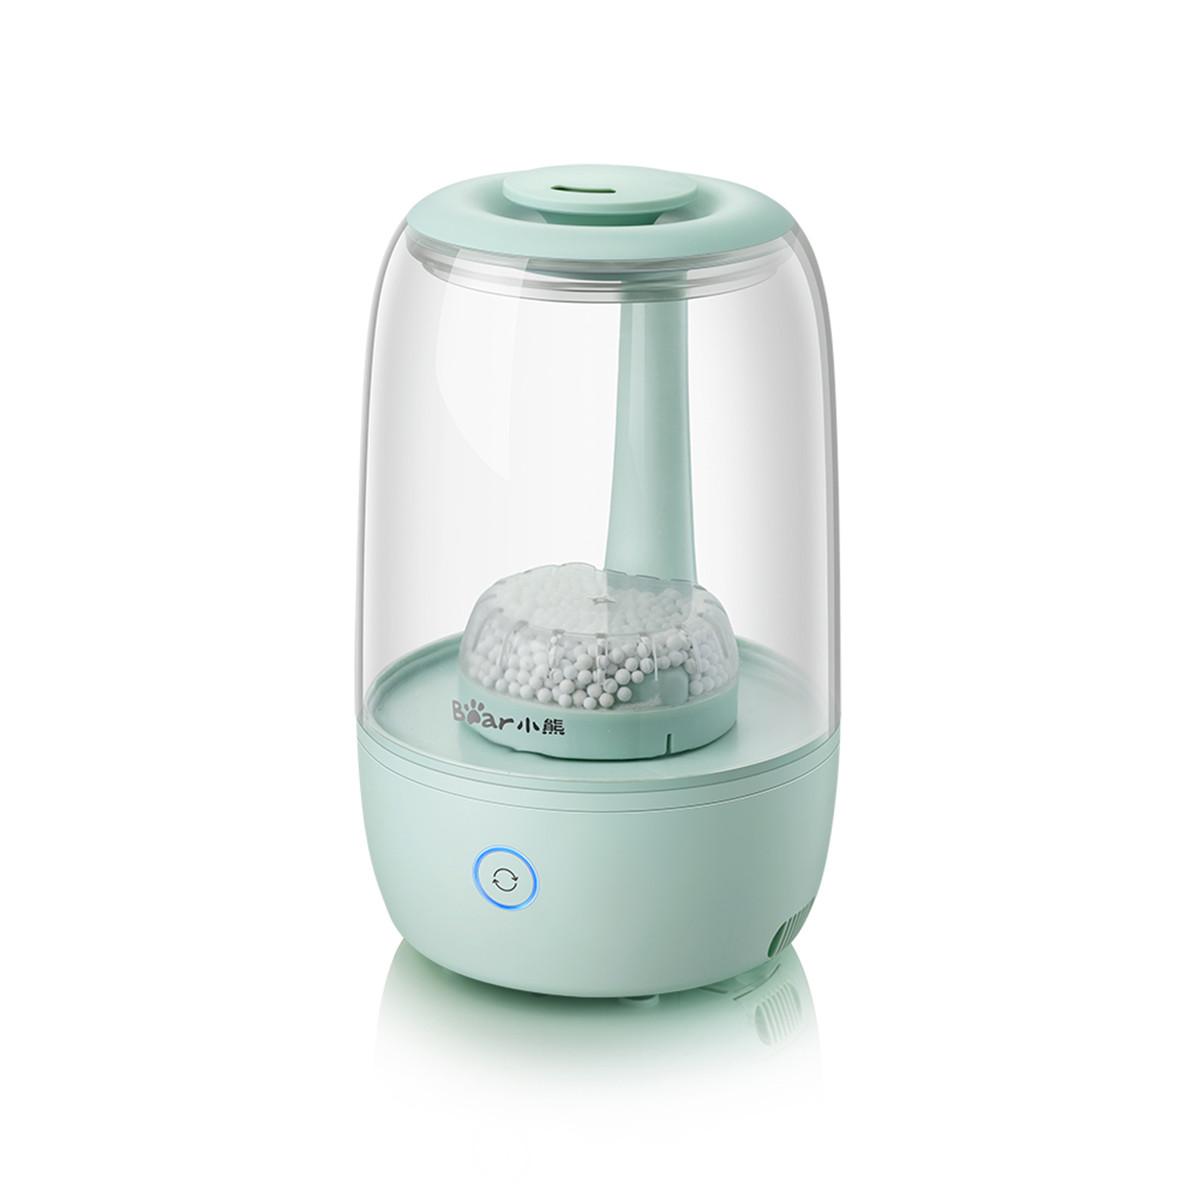 小熊小熊加湿器3.5L上加水家用静音小型香薰大雾量空气净化器JSQ-B35A1